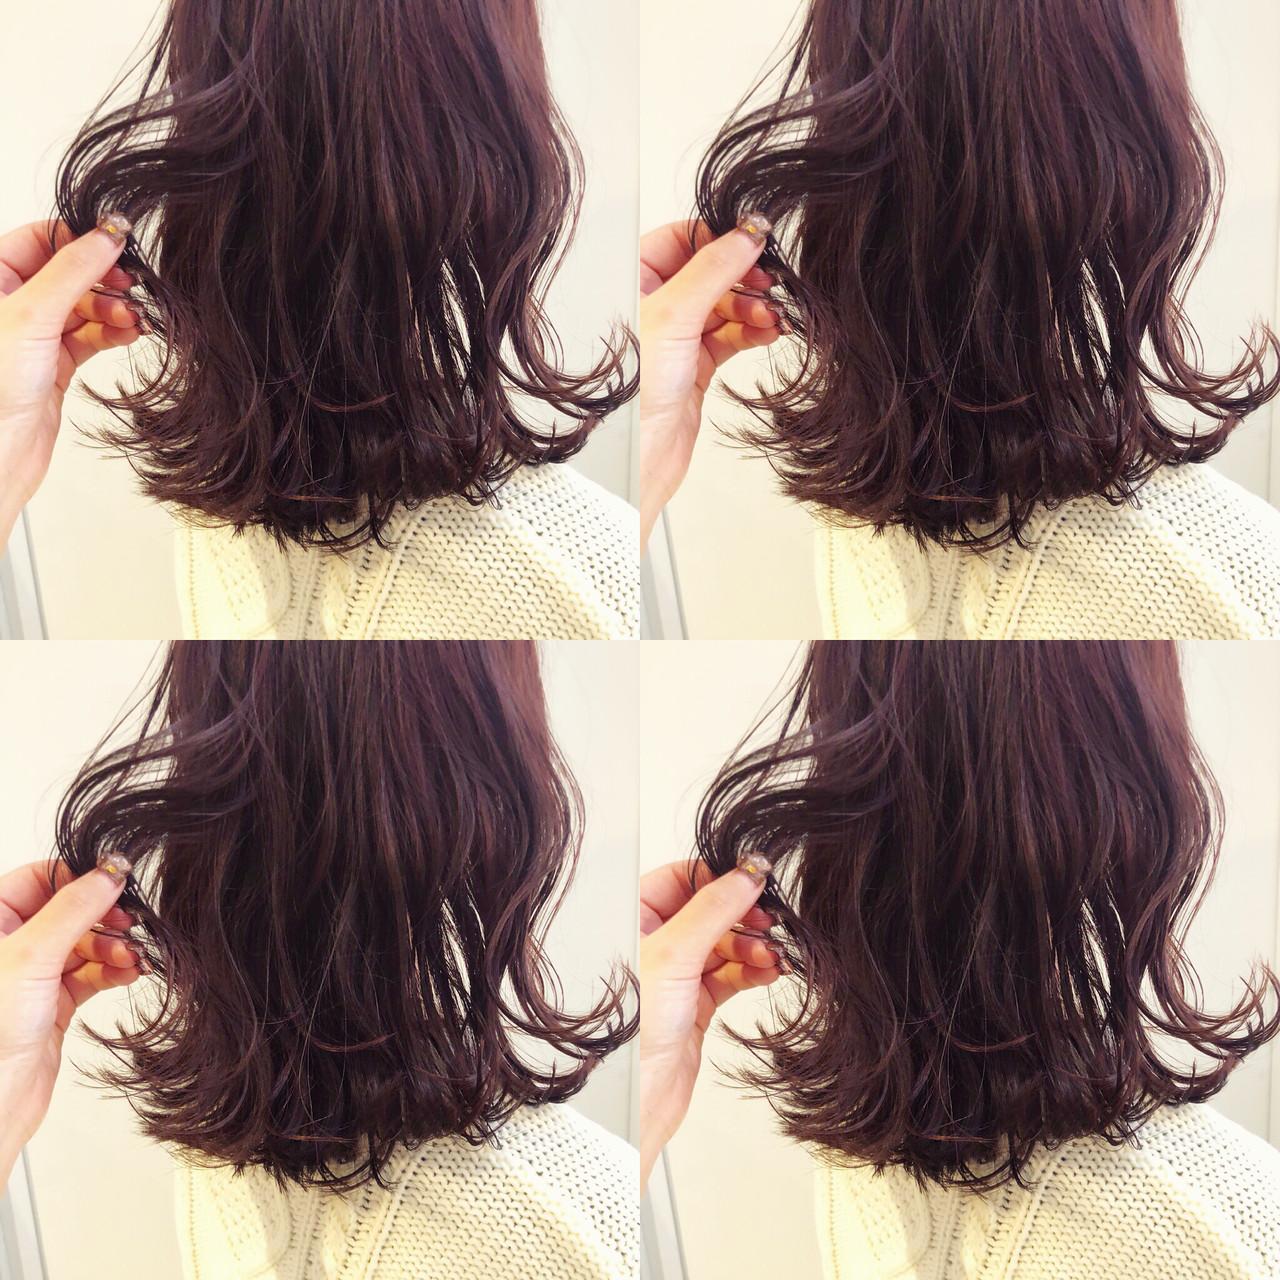 アンニュイほつれヘア ヘアアレンジ ナチュラル デート ヘアスタイルや髪型の写真・画像   犬島麻姫子 / オルチャンヘアスタイルおまかせください